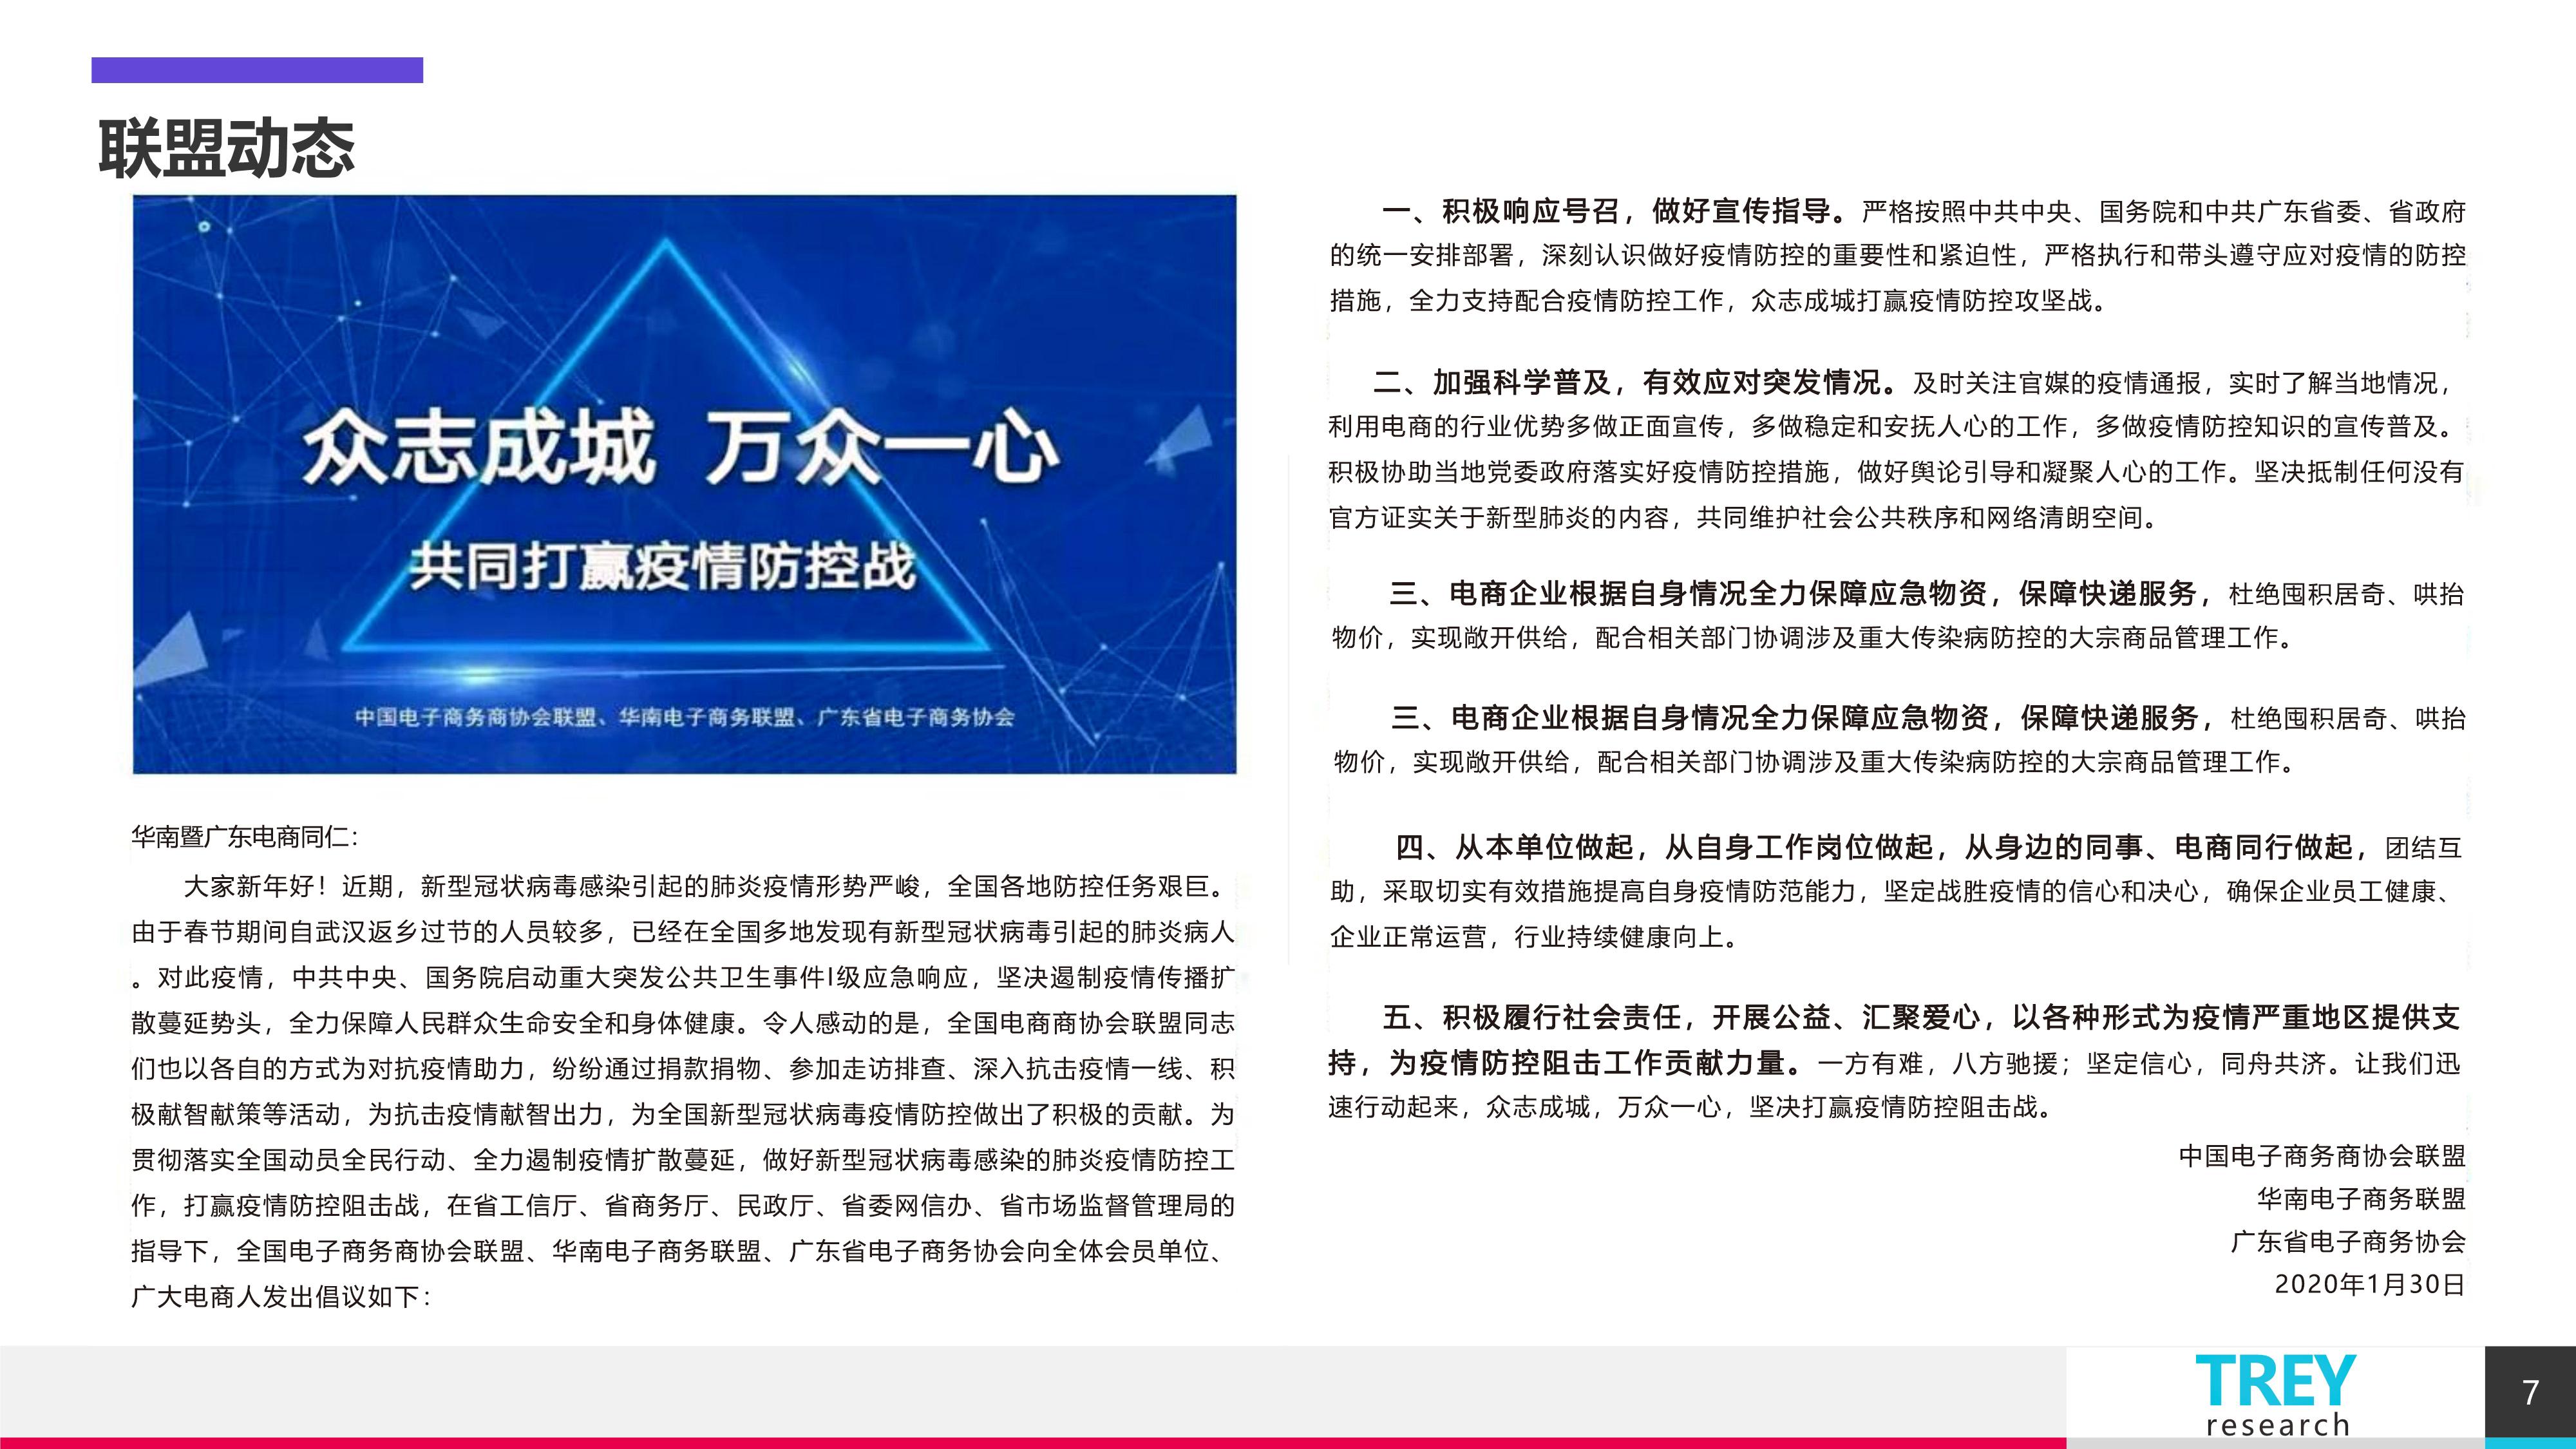 10中国电子商务商协会联盟0220-1_7